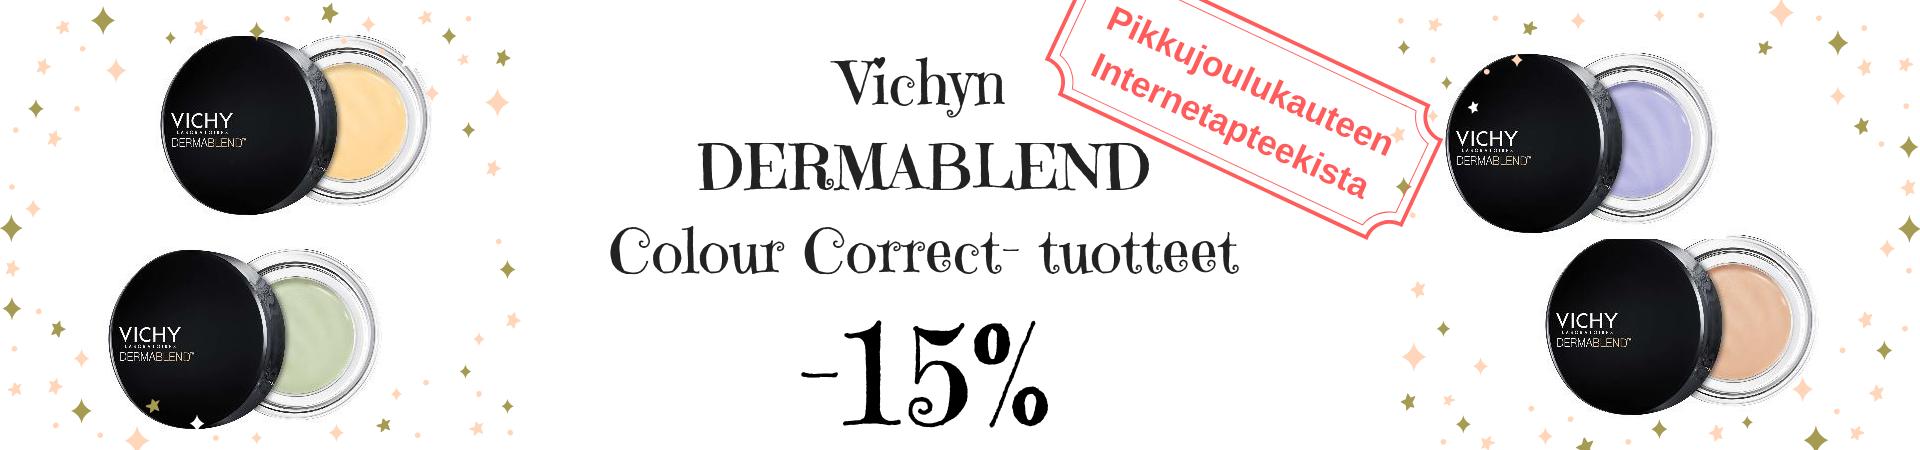 Vichy Dermablend  Color Correction peitevärit -15 %